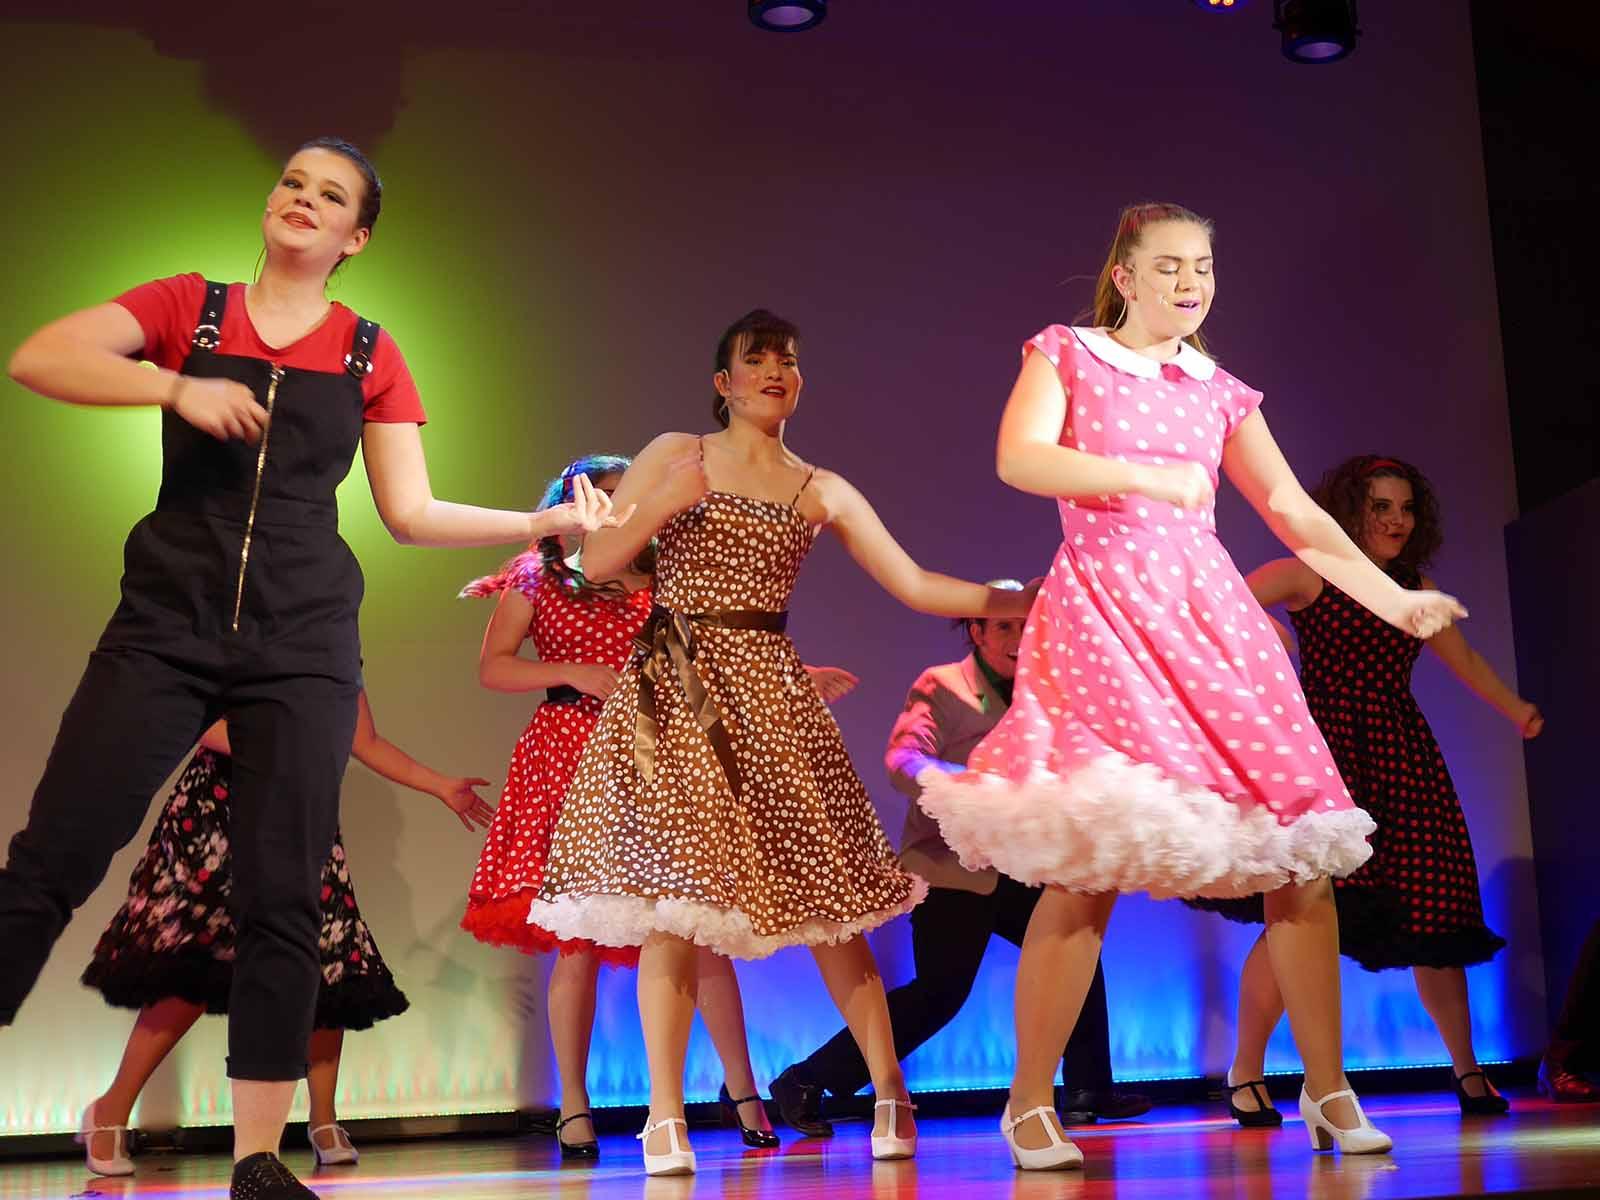 Die Figuren verbindet trotz unterschiedlicher Herkunft und Kleidung etwas: Die Freude am Tanzen.